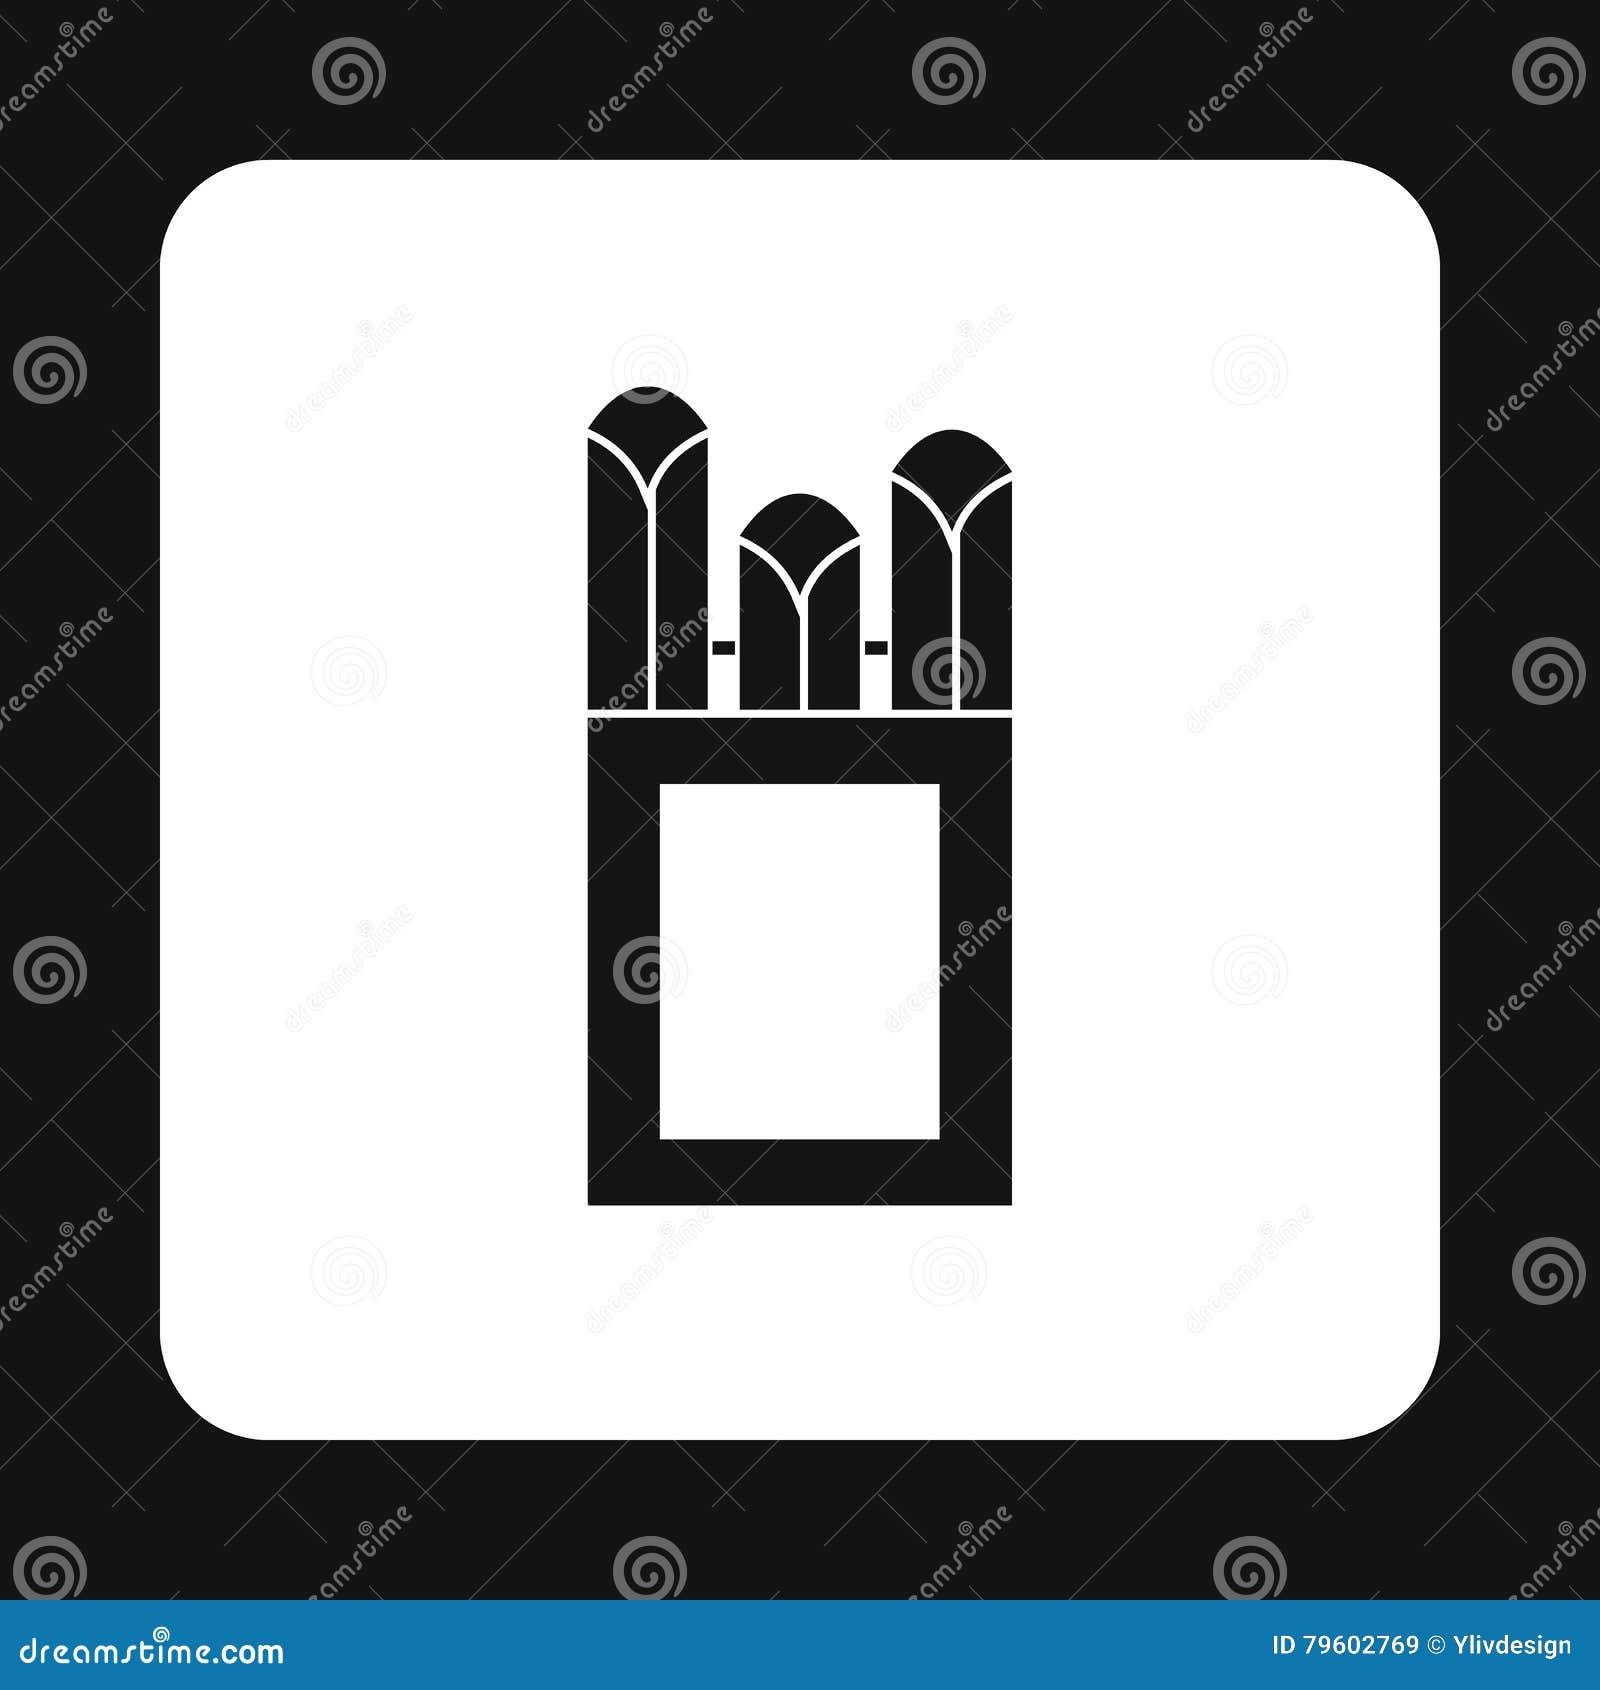 Gizes no ícone da caixa da caixa, estilo simples